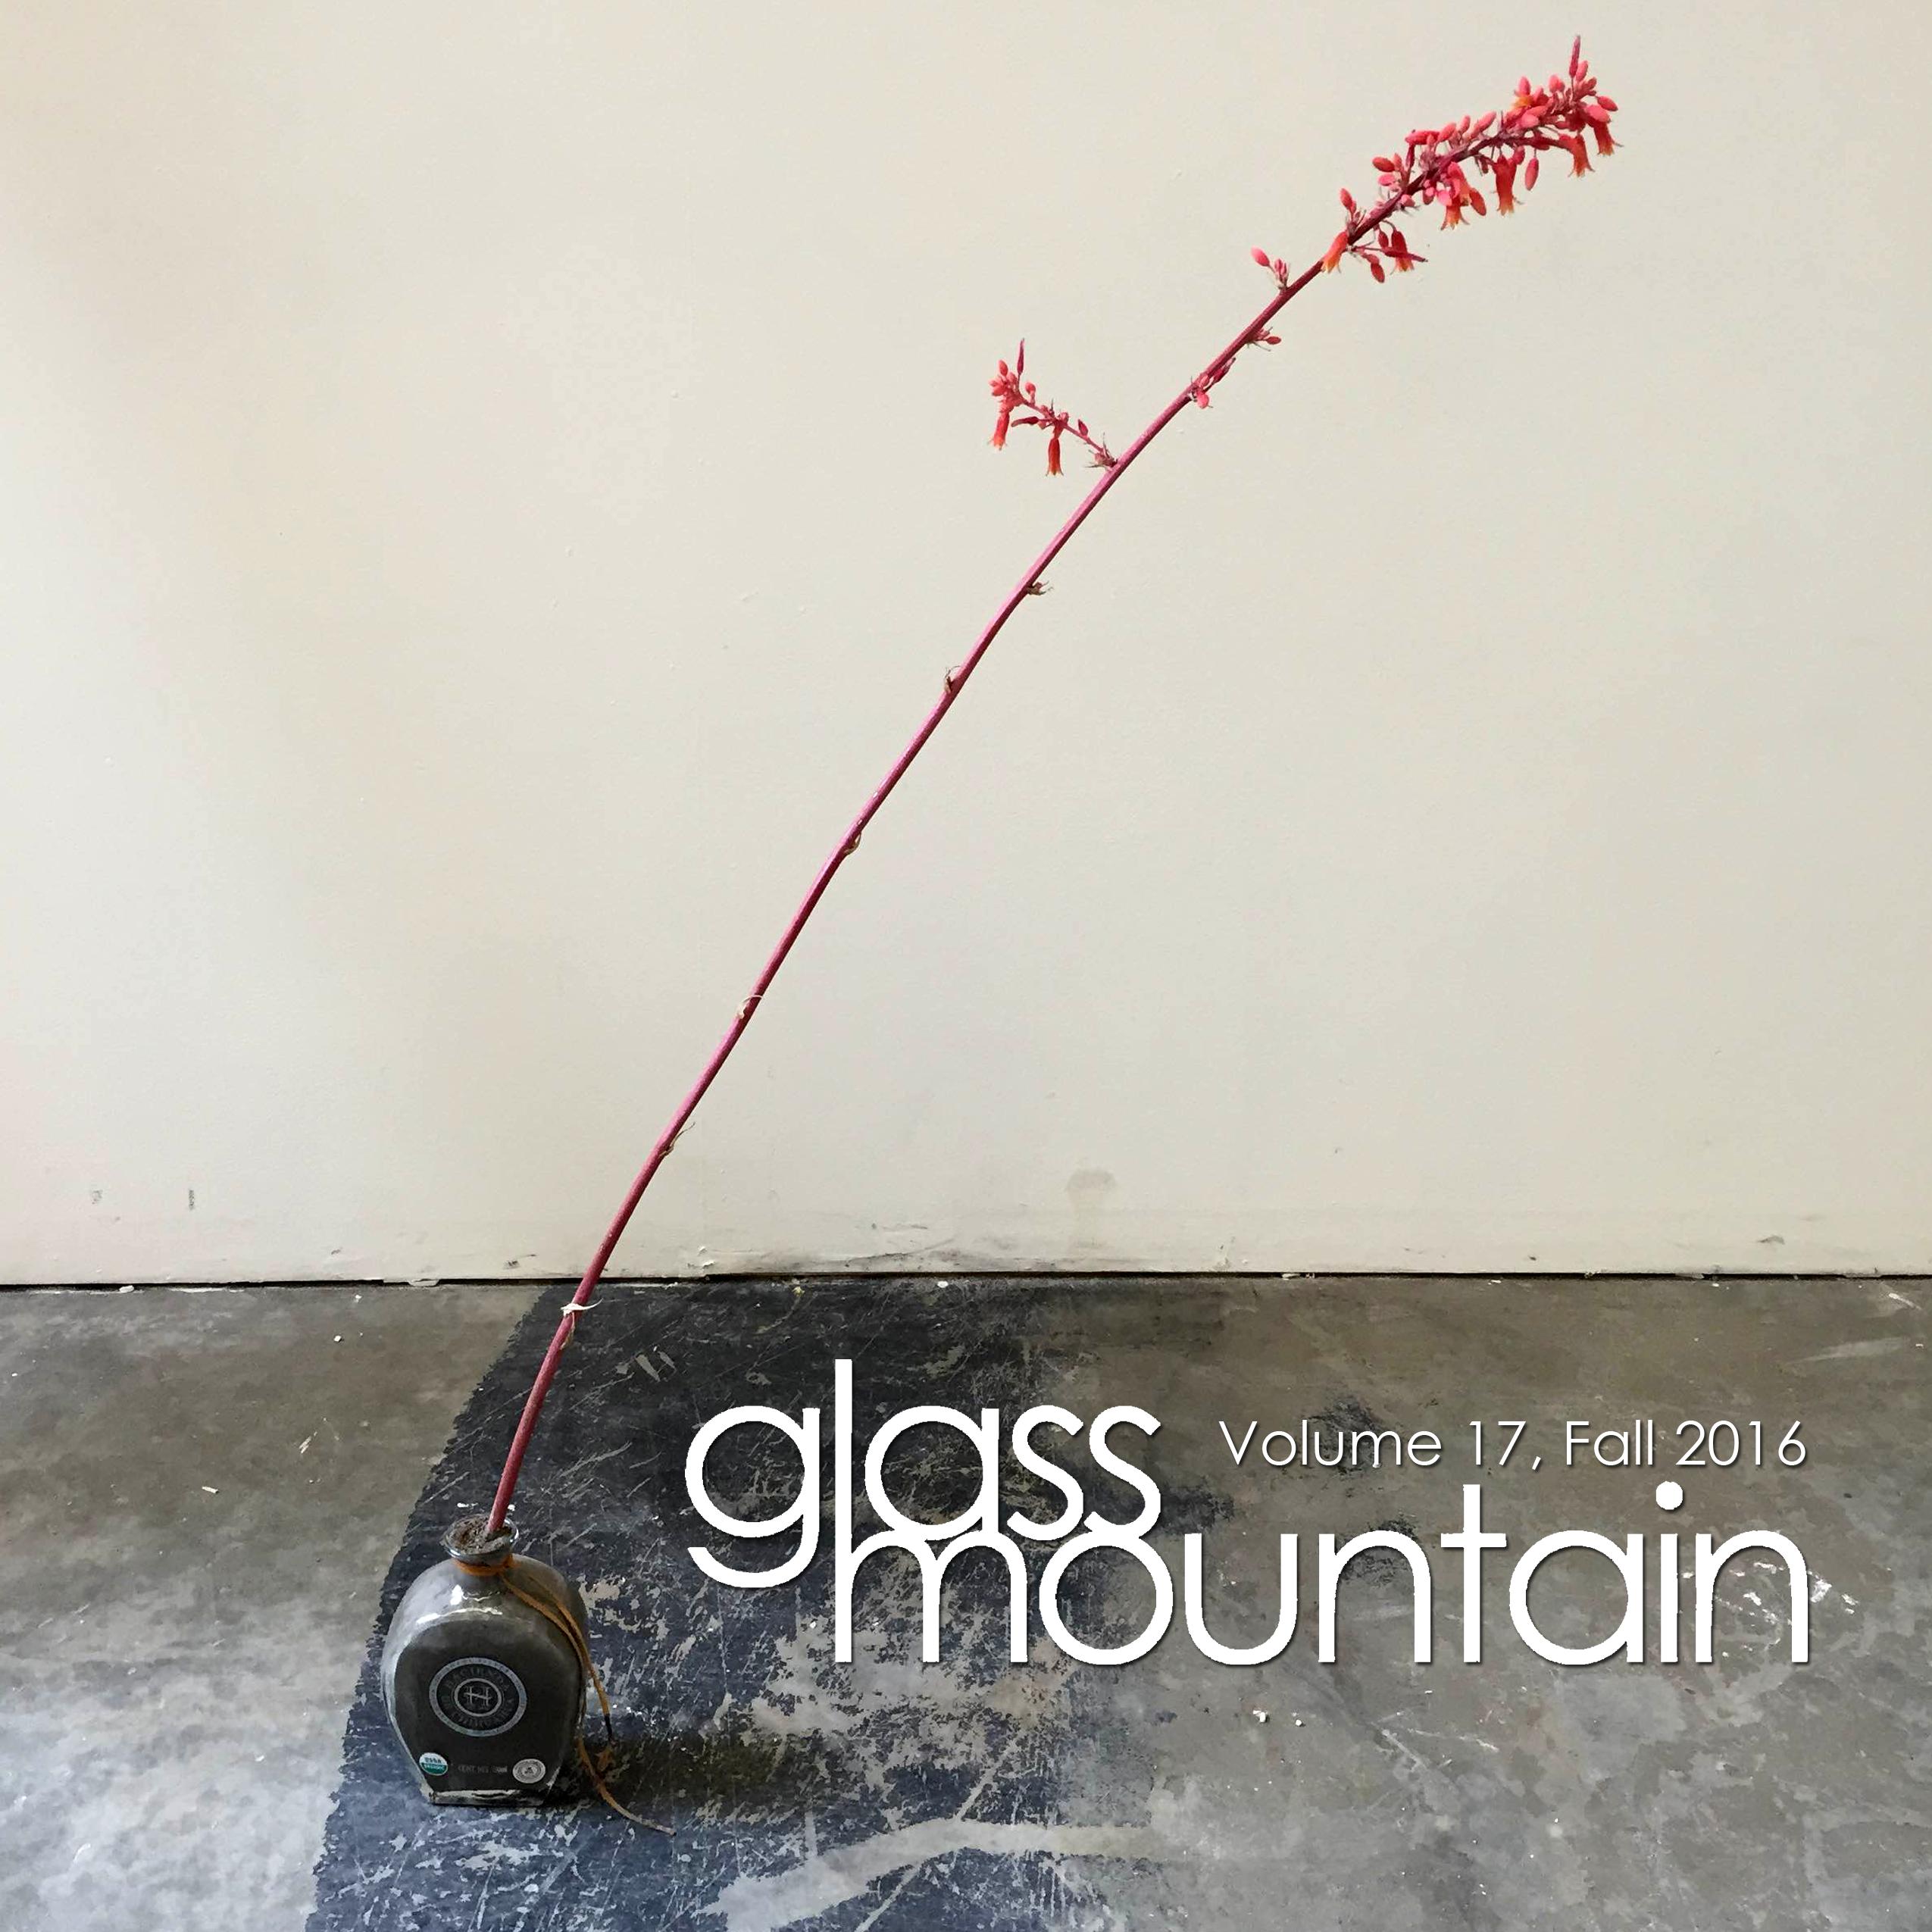 Glass Mountain Magazine | Volume 17, Fall 2016